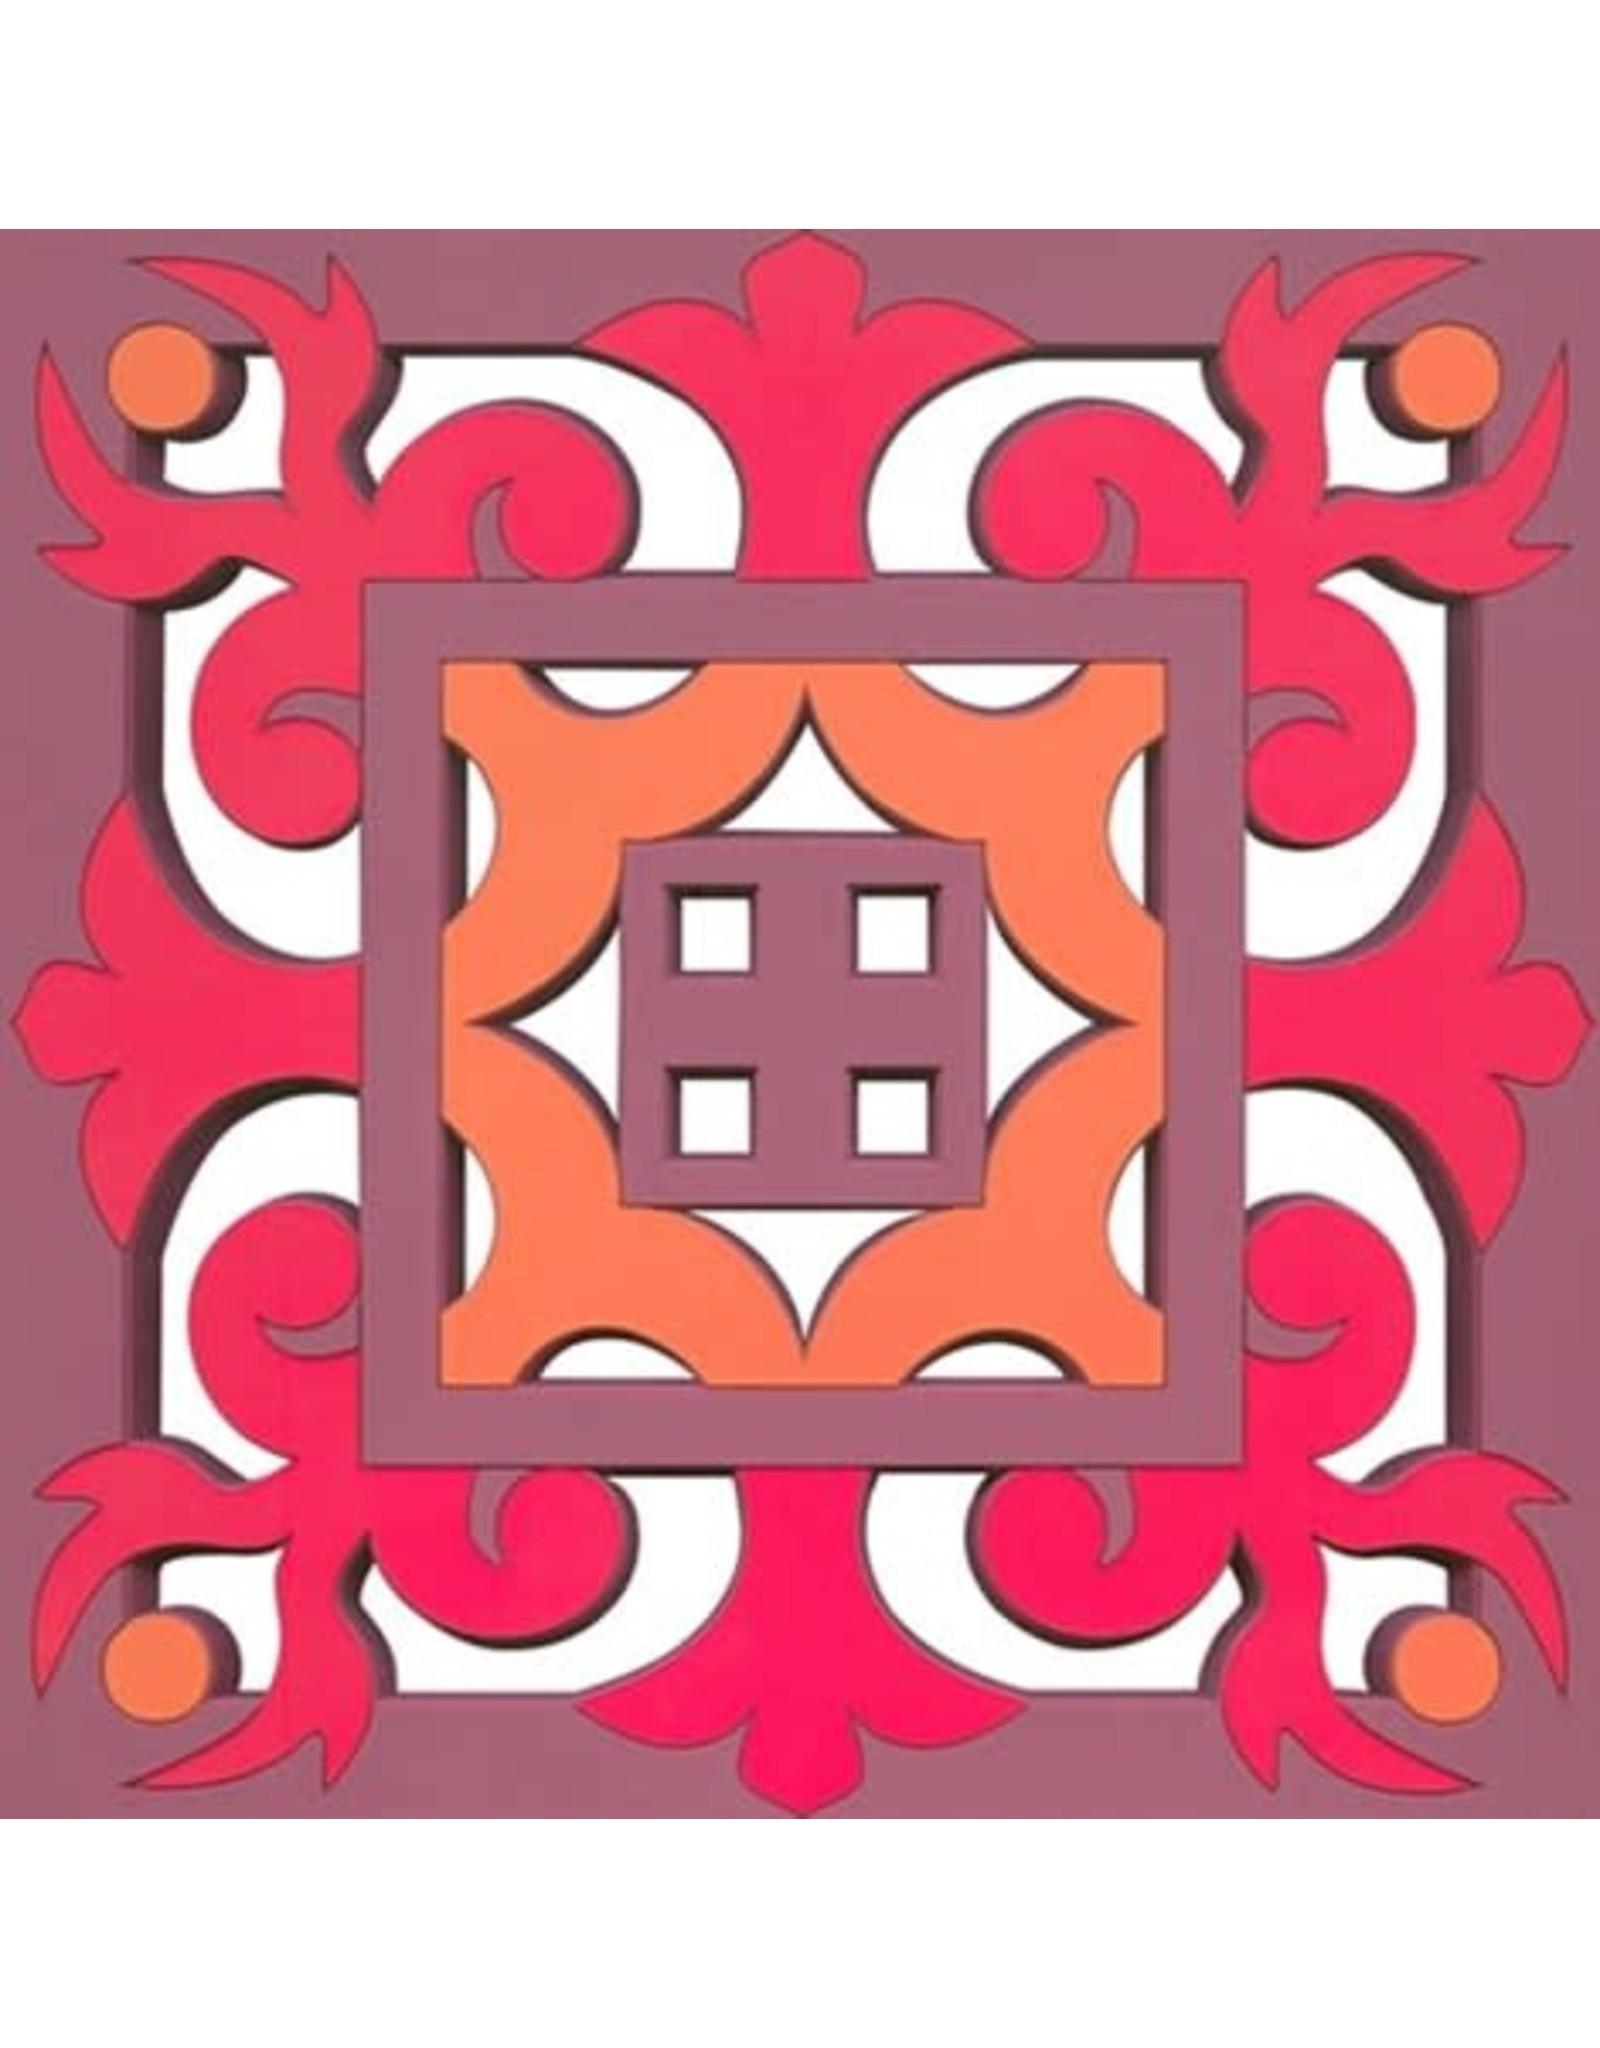 Image 'd Orient Pannenonderzetter  Sejjadeh Zen Feu